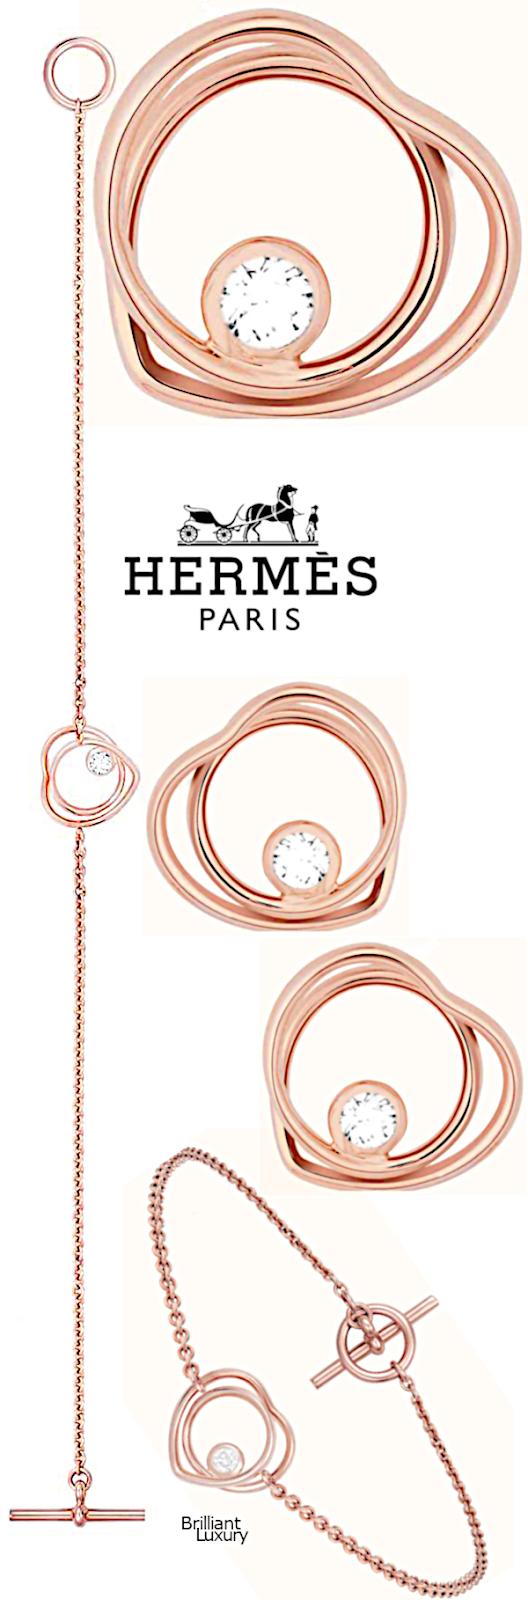 Brilliant Luxury♦Hermès Vertige Coeur bracelet and earrings #rosegold #jewelry